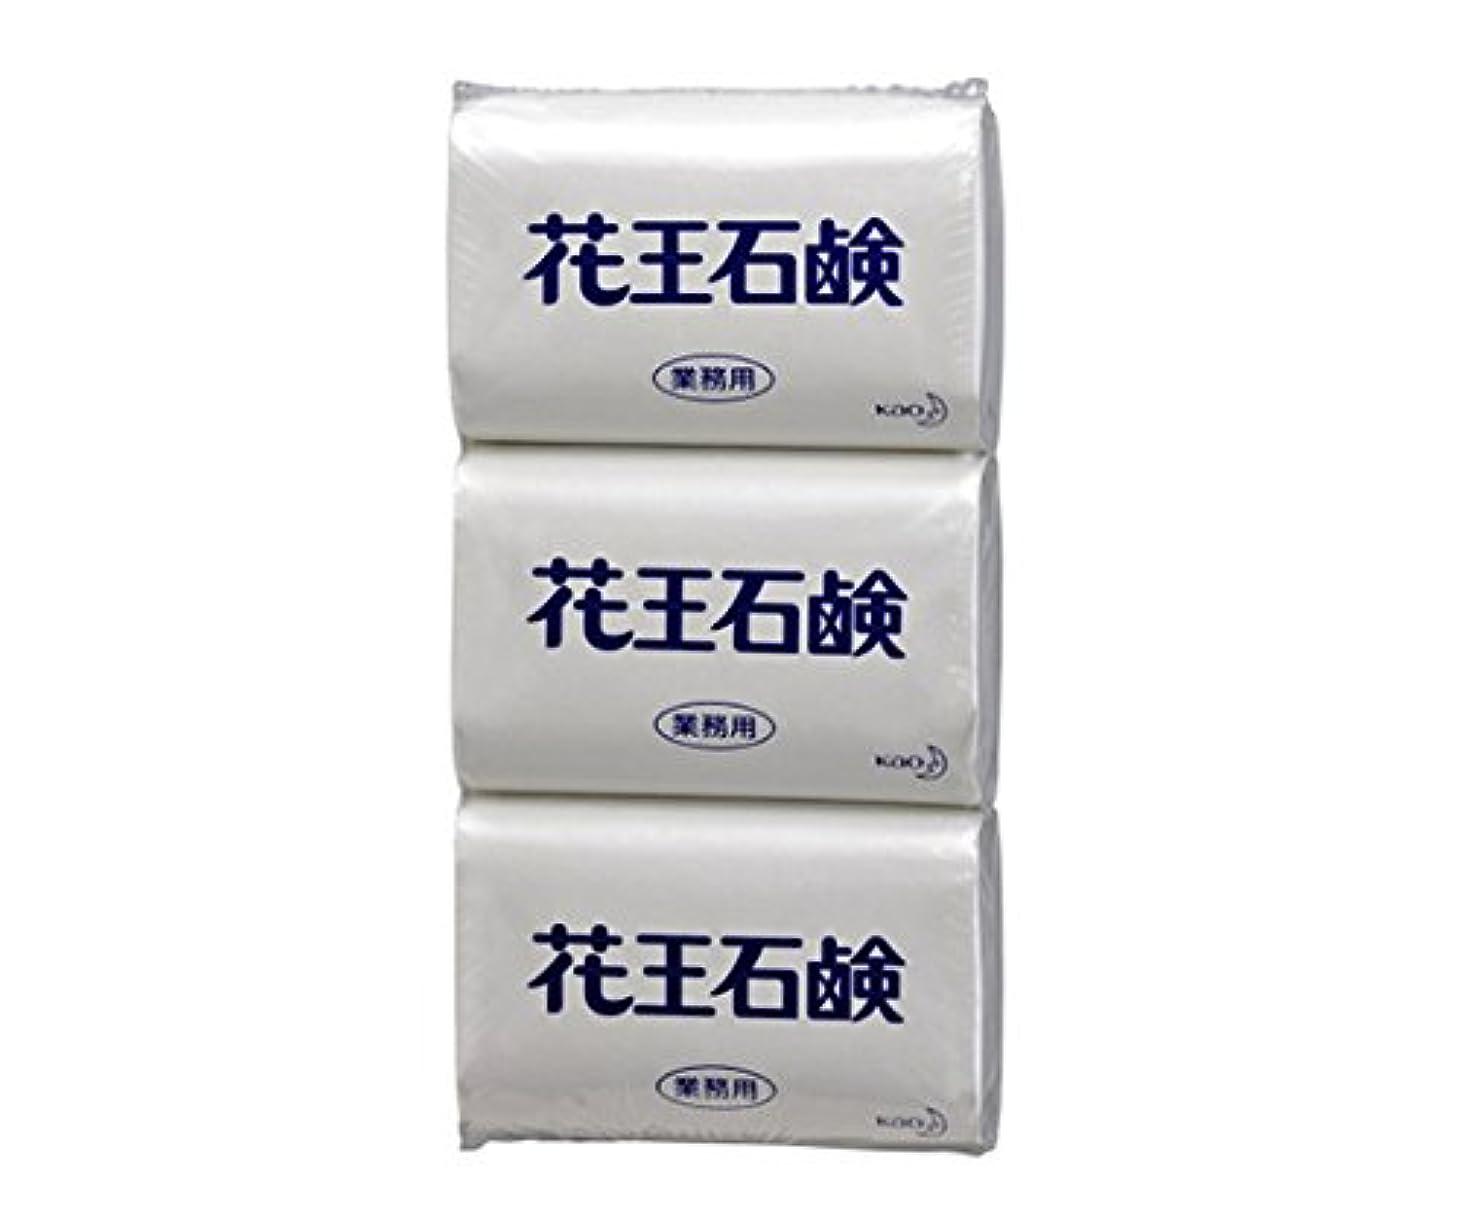 暴行タイトル発症花王1-2756-11石鹸85G